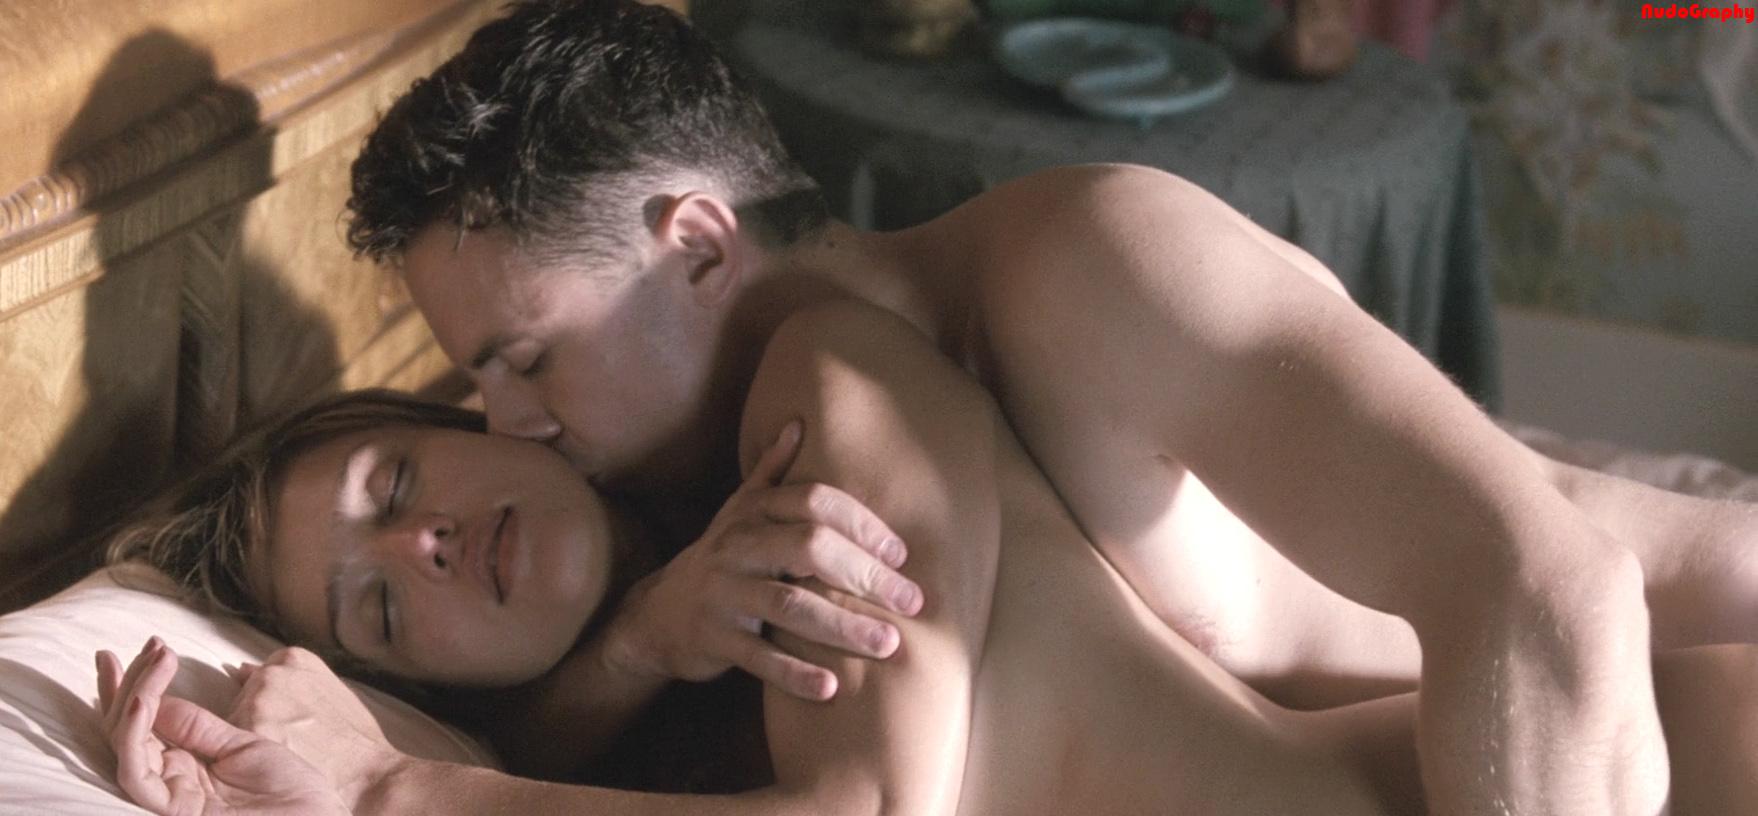 Смотреть бесплатно самые откровенные эротические клипы 9 фотография